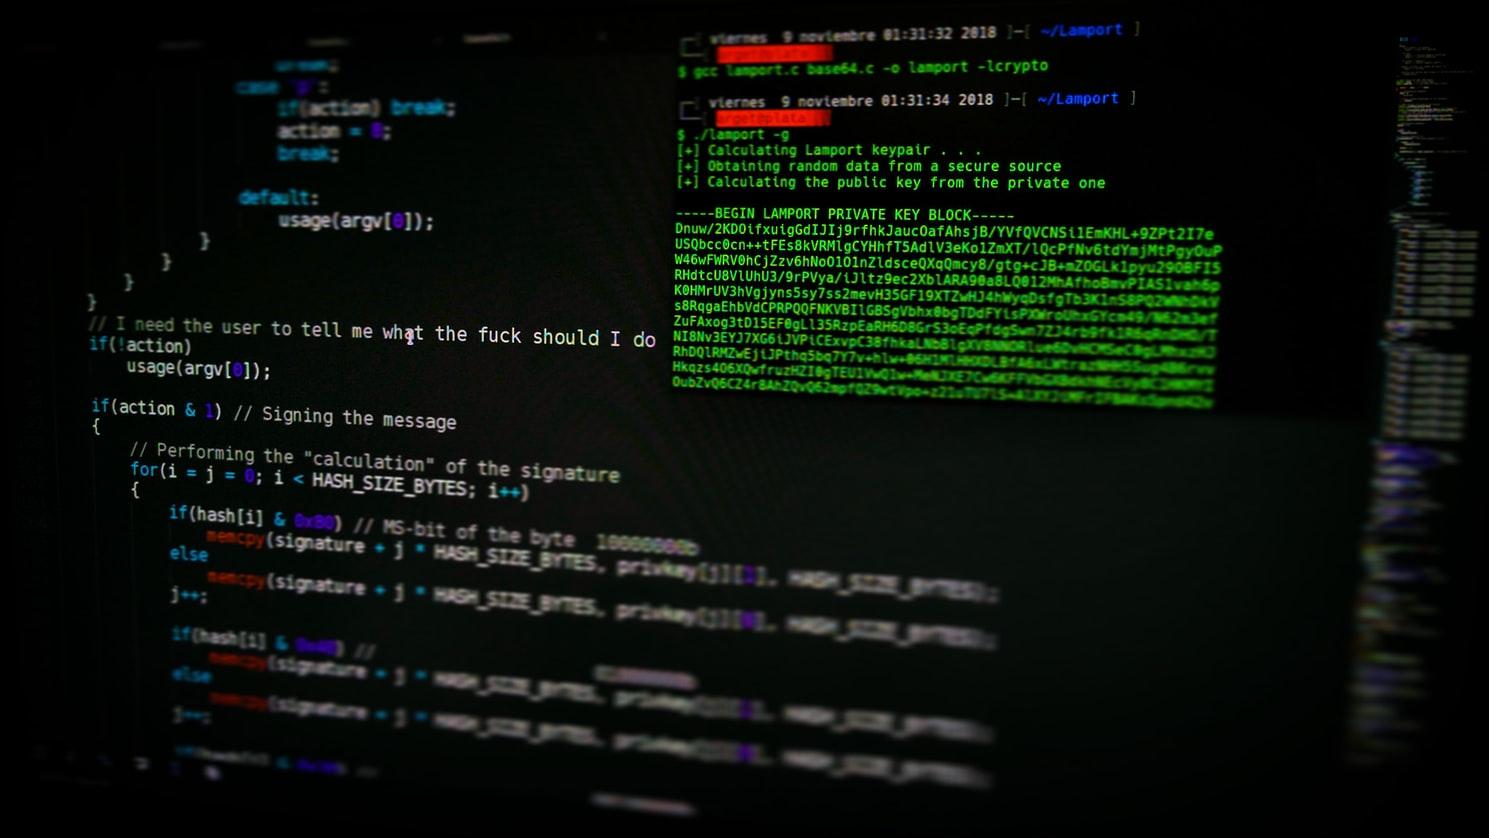 網路陷阱停看聽!安全憑證成駭客攻擊途徑 個資防護眉角多